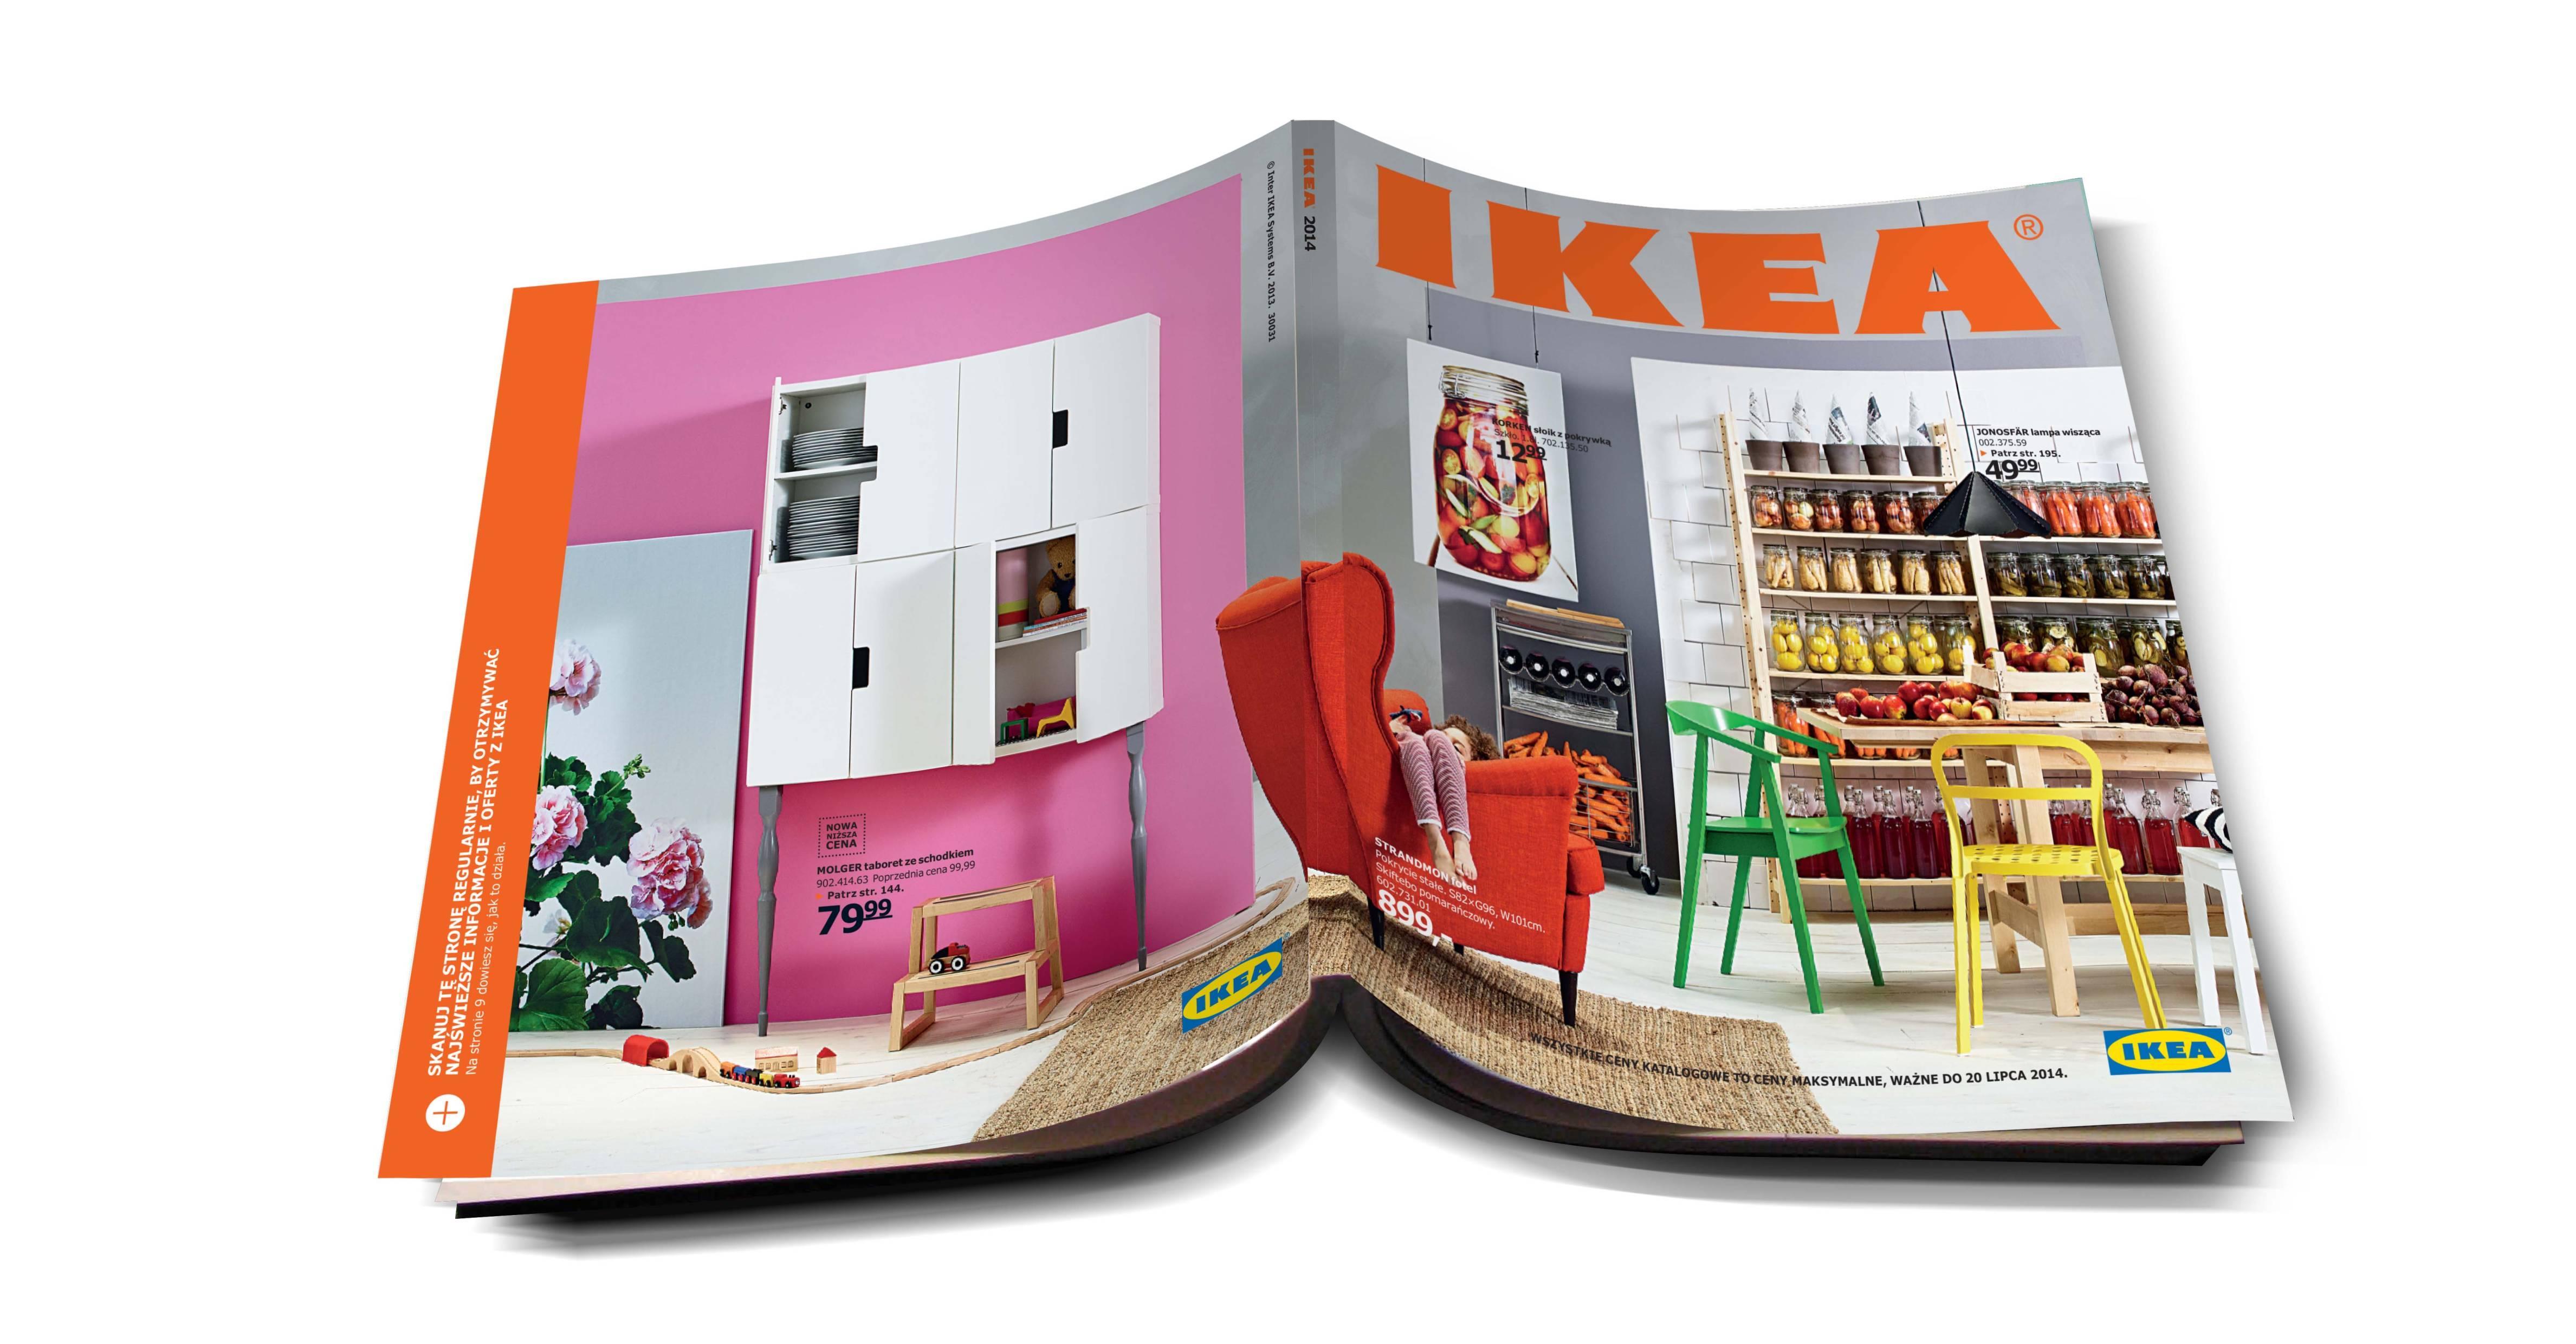 Liczy się każda chwila spędzona razem z dziećmi w domu Katalog IKEA 2014